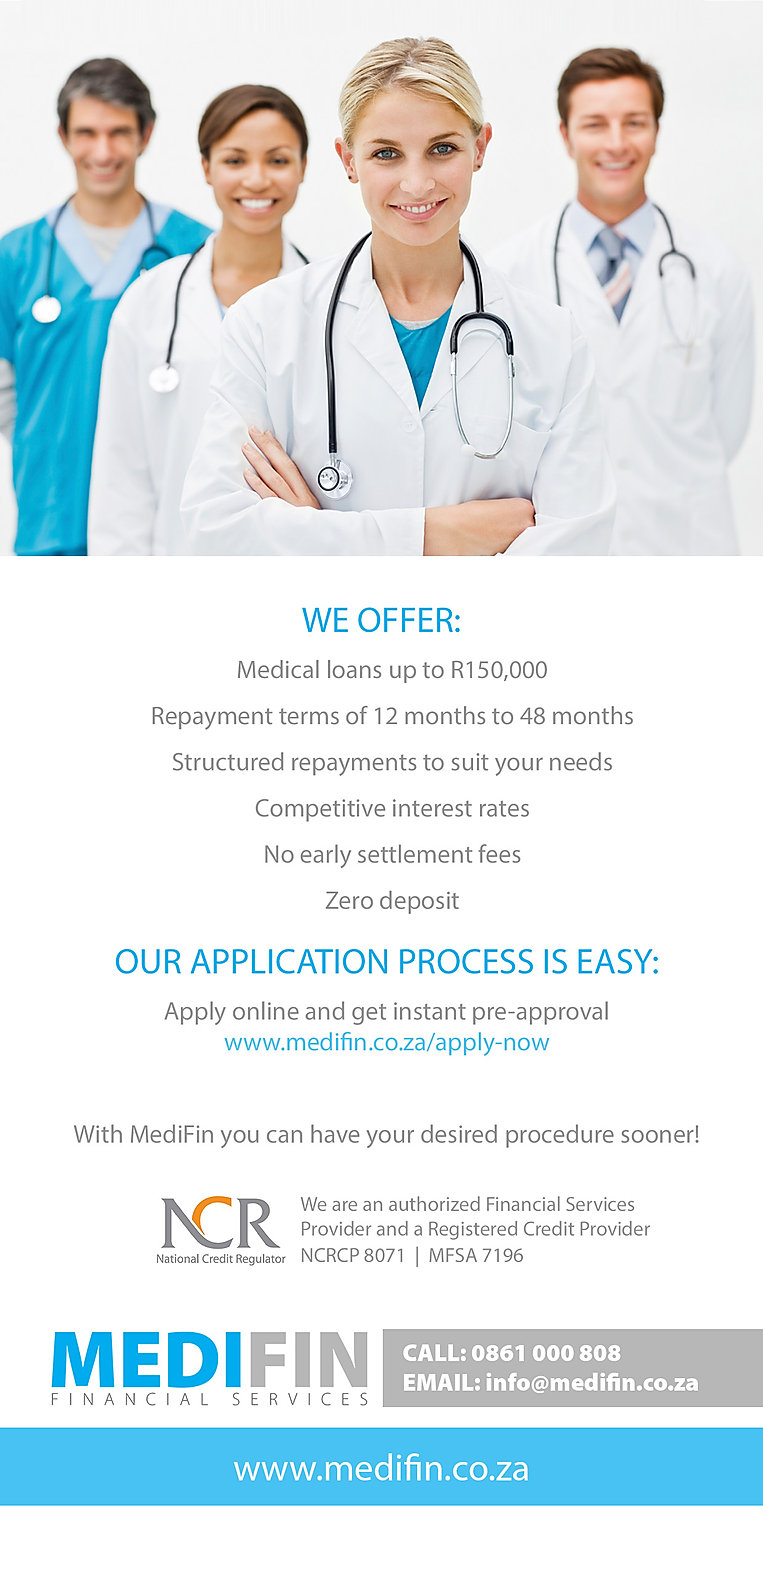 MediFin_DL_Back_Aug 18 (1).jpg